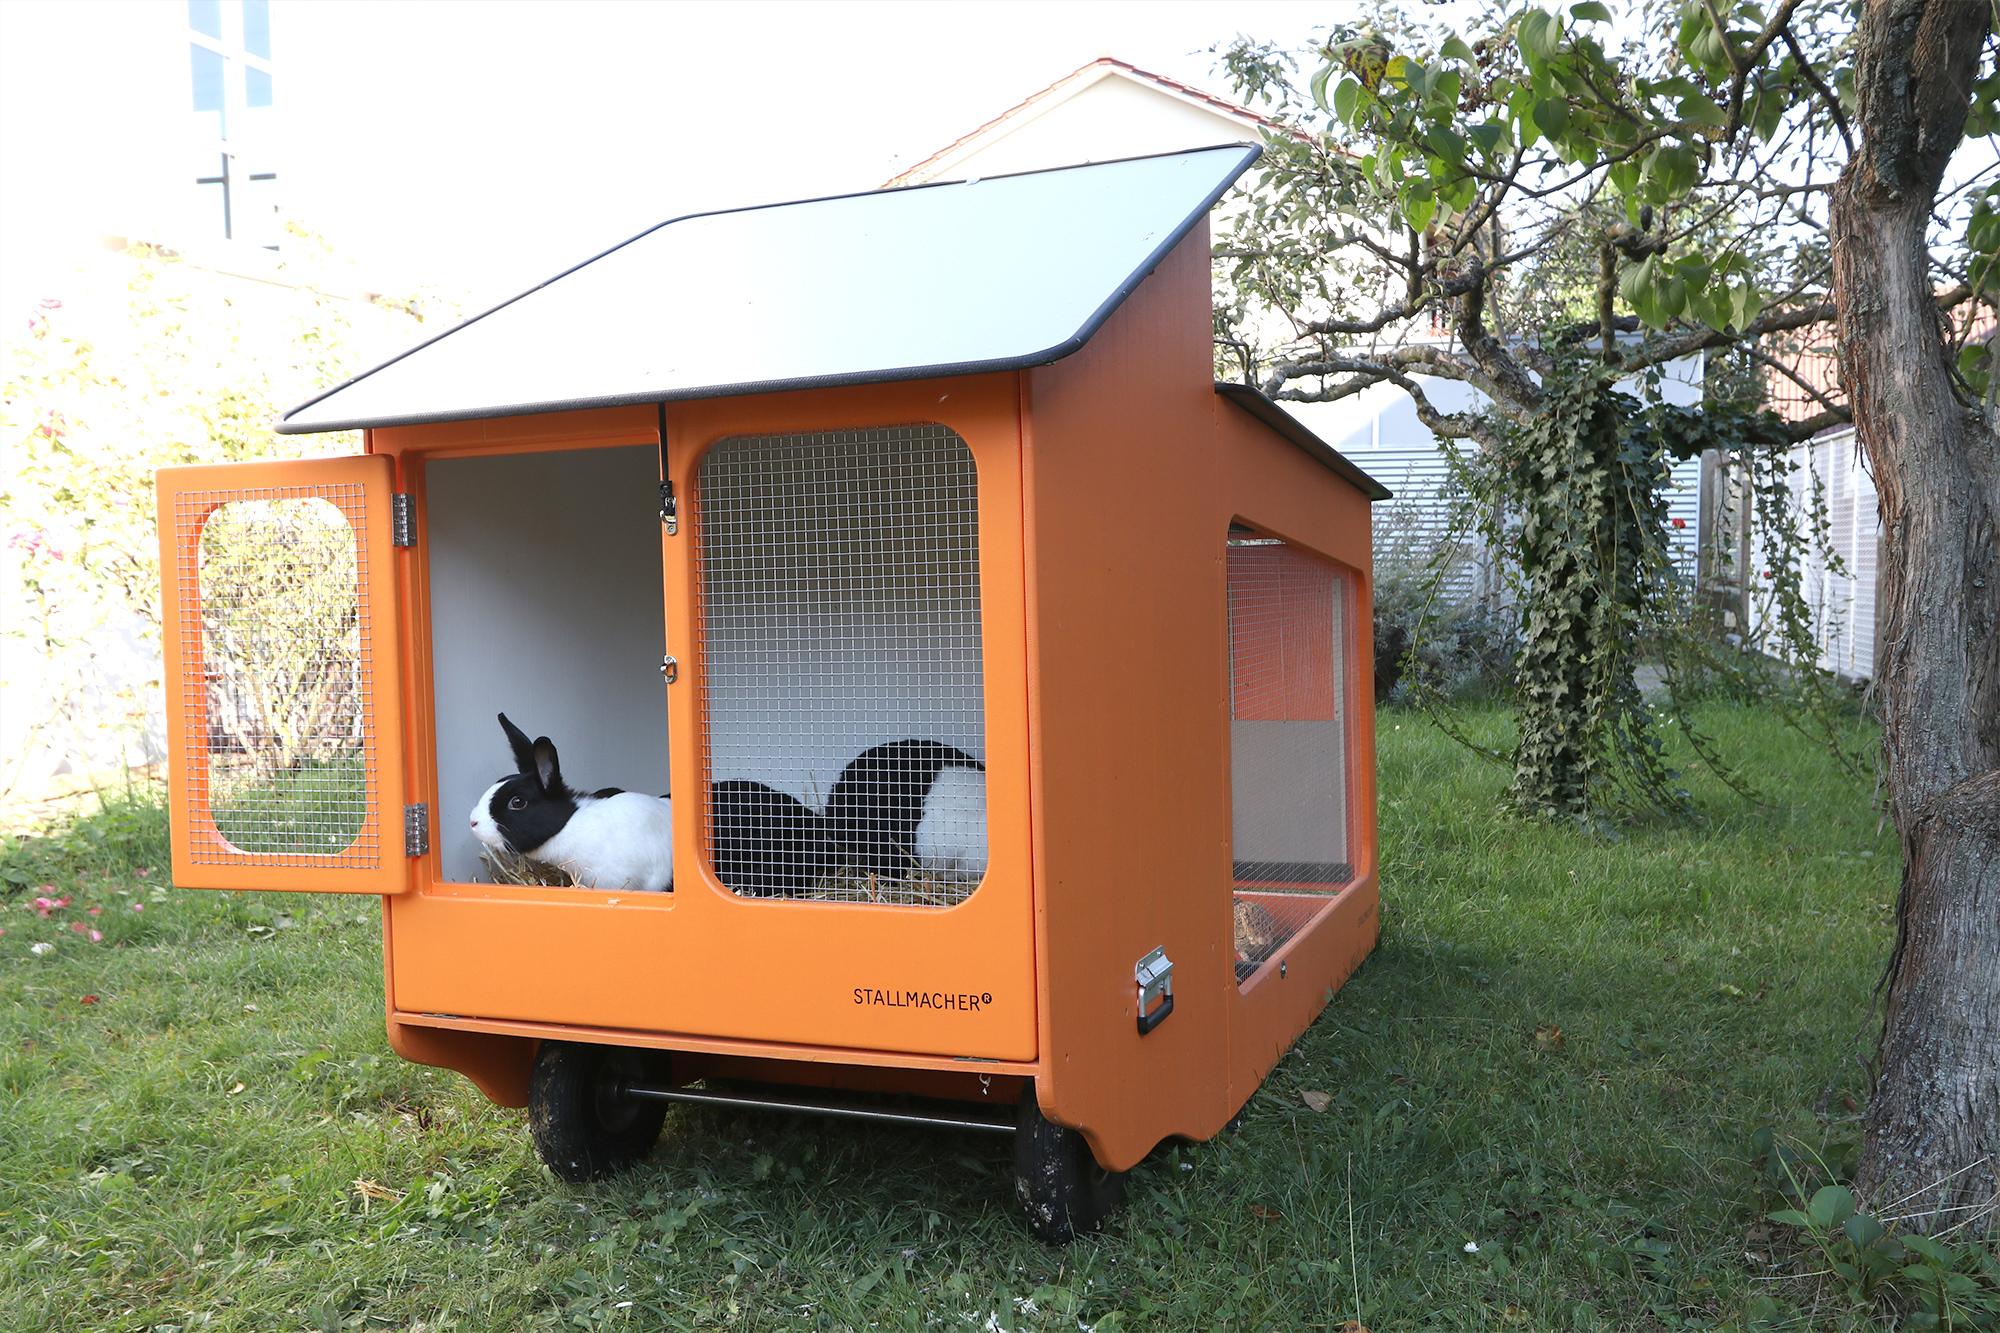 Mobiler Hühnerstall mit Kaninchen